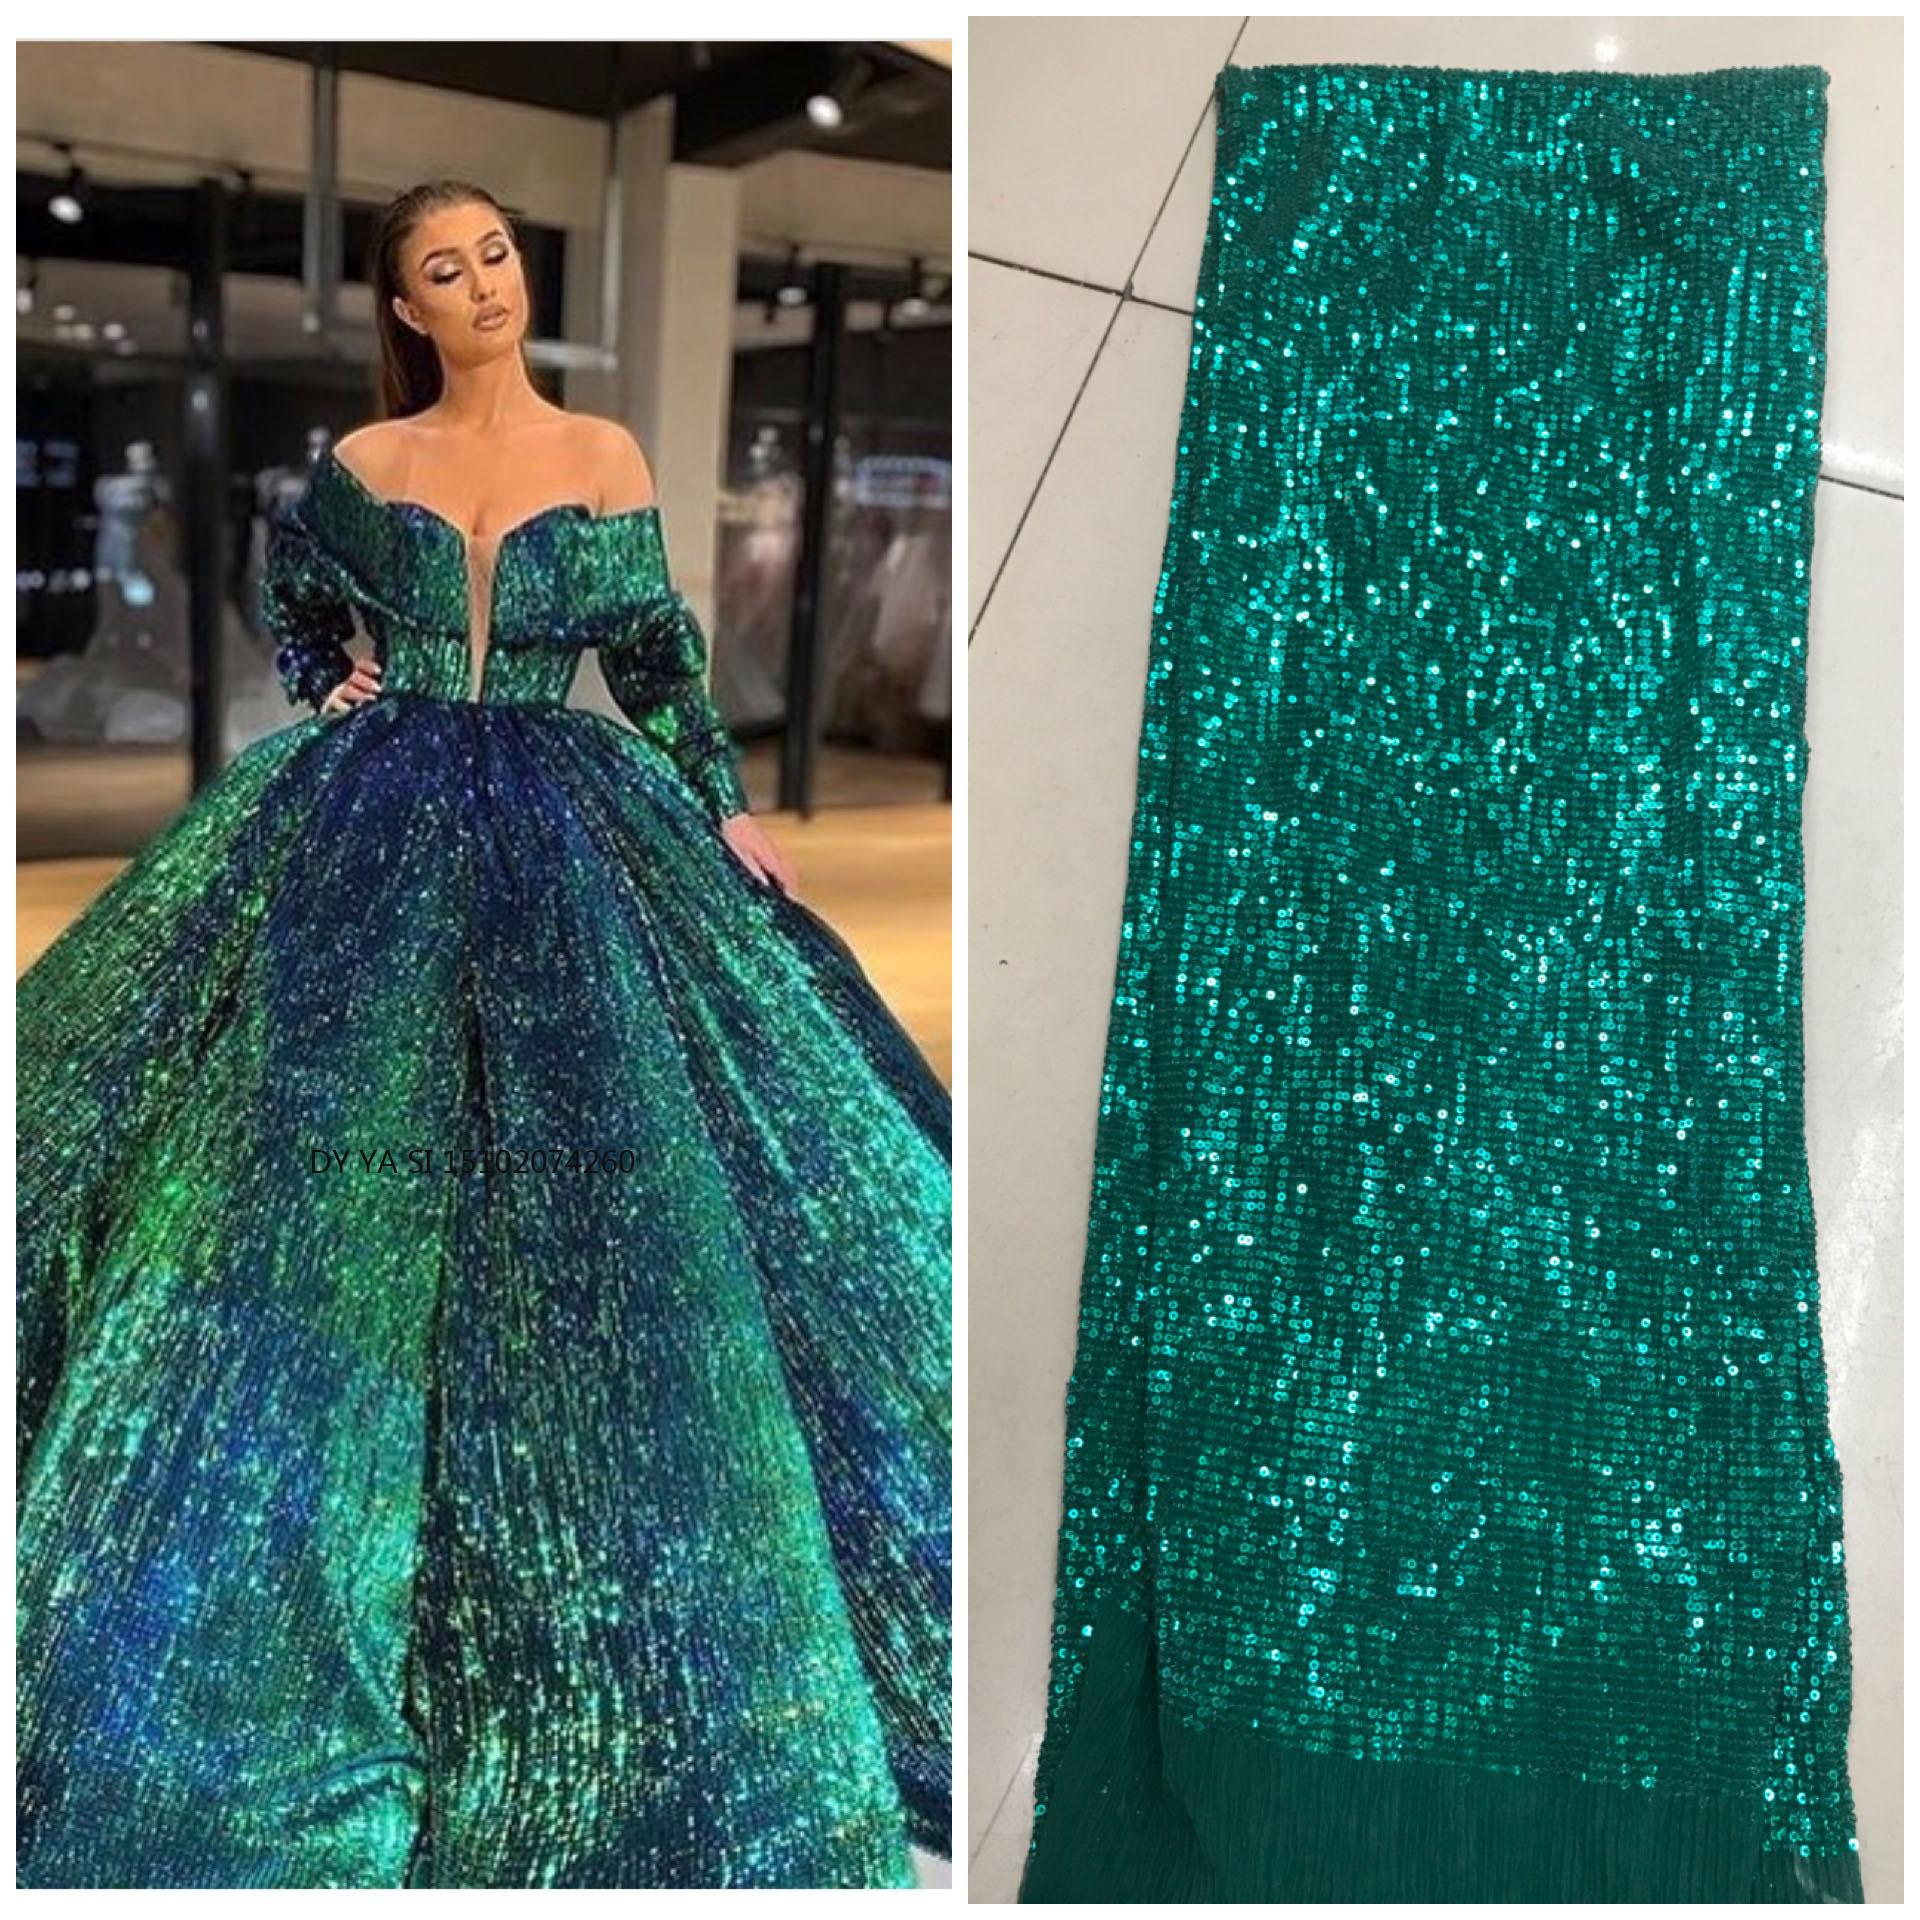 Кружевная ткань с блестками, плиссированная шифоновая ткань с принтом, Женская кружевная ткань в нигерийском стиле, 3 размера, DYSZP26, 2019